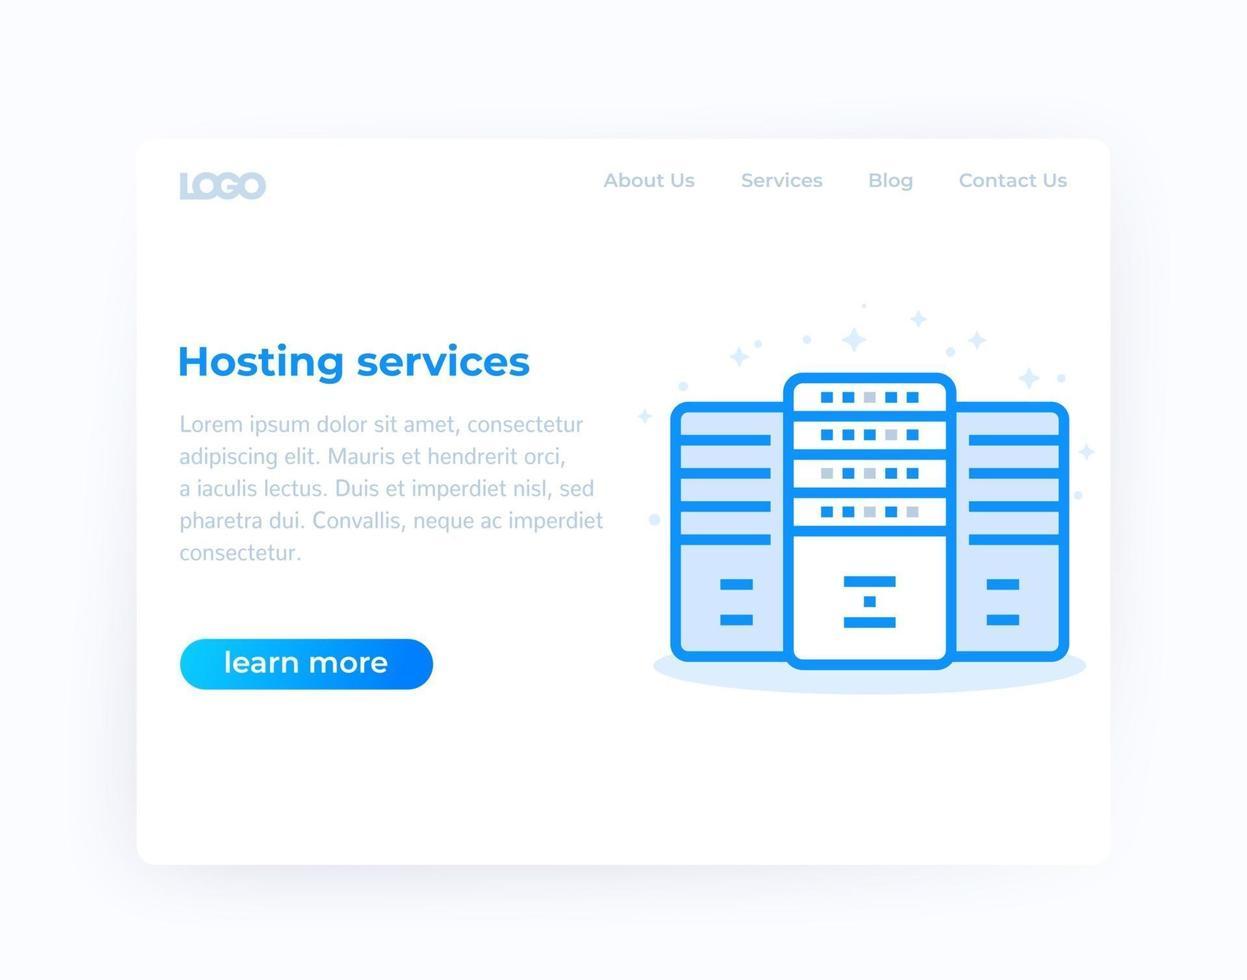 serviços de hospedagem, design de site, vetor template.eps